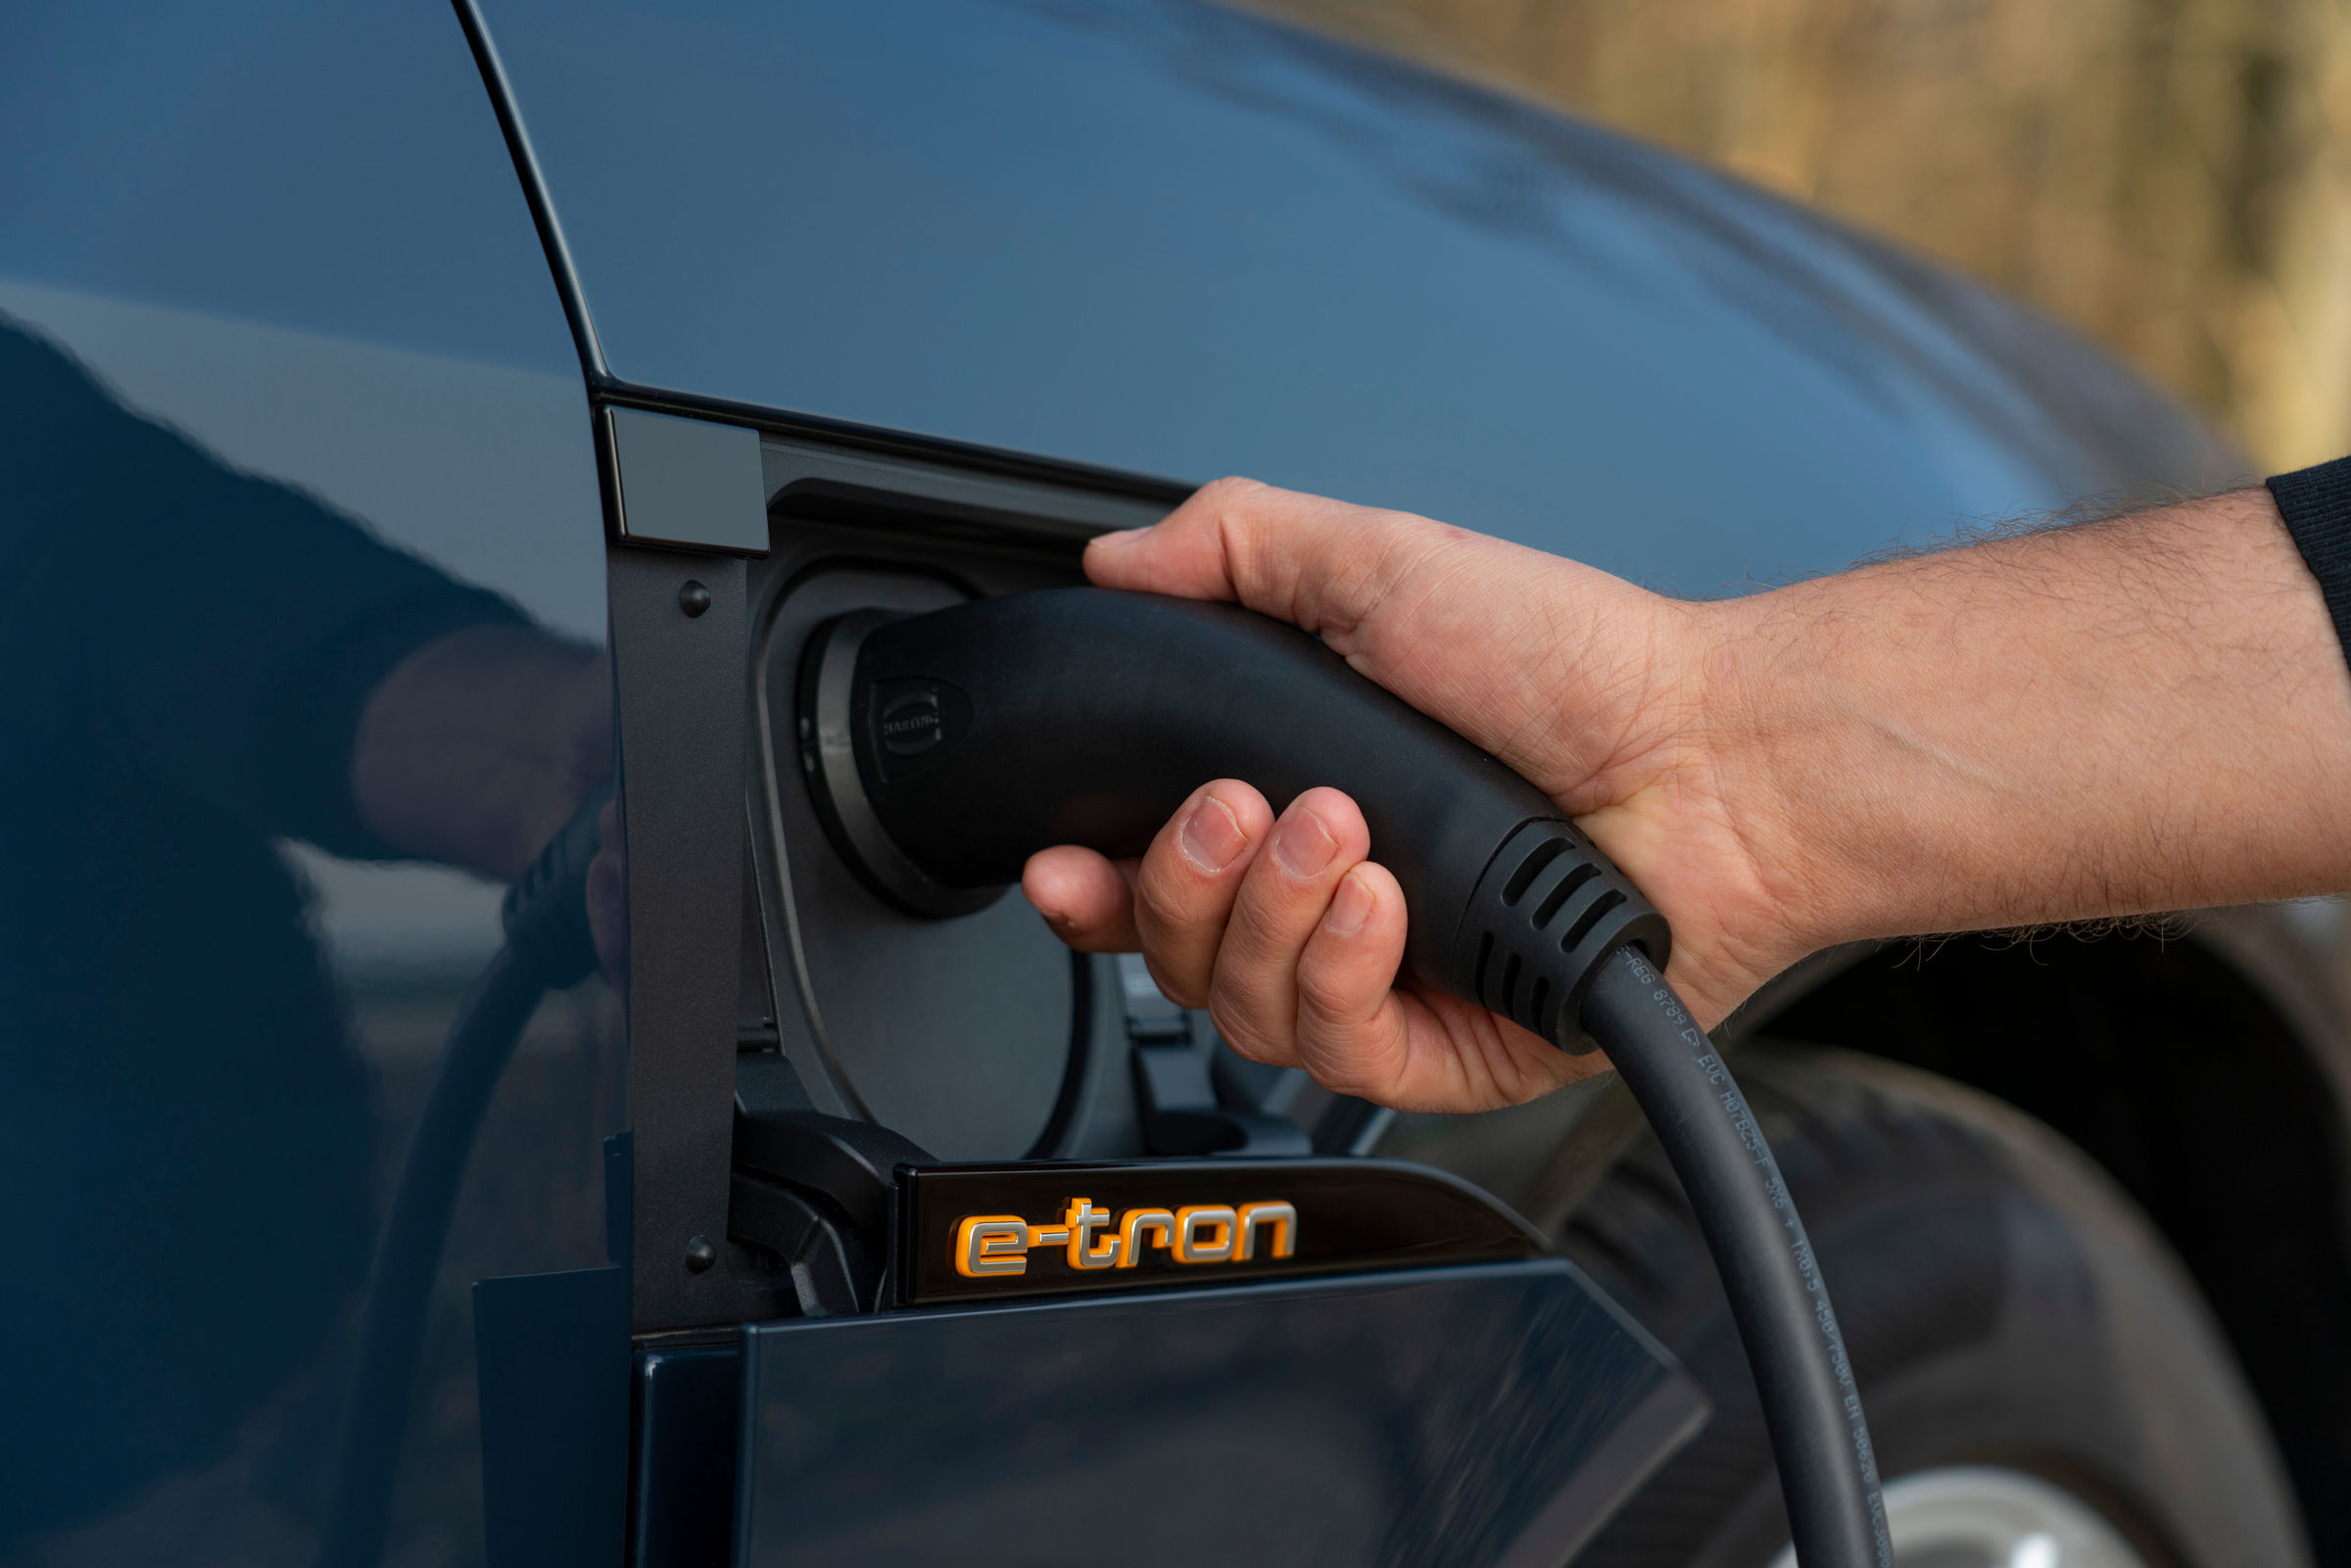 Audi e-tron Sportback charging port